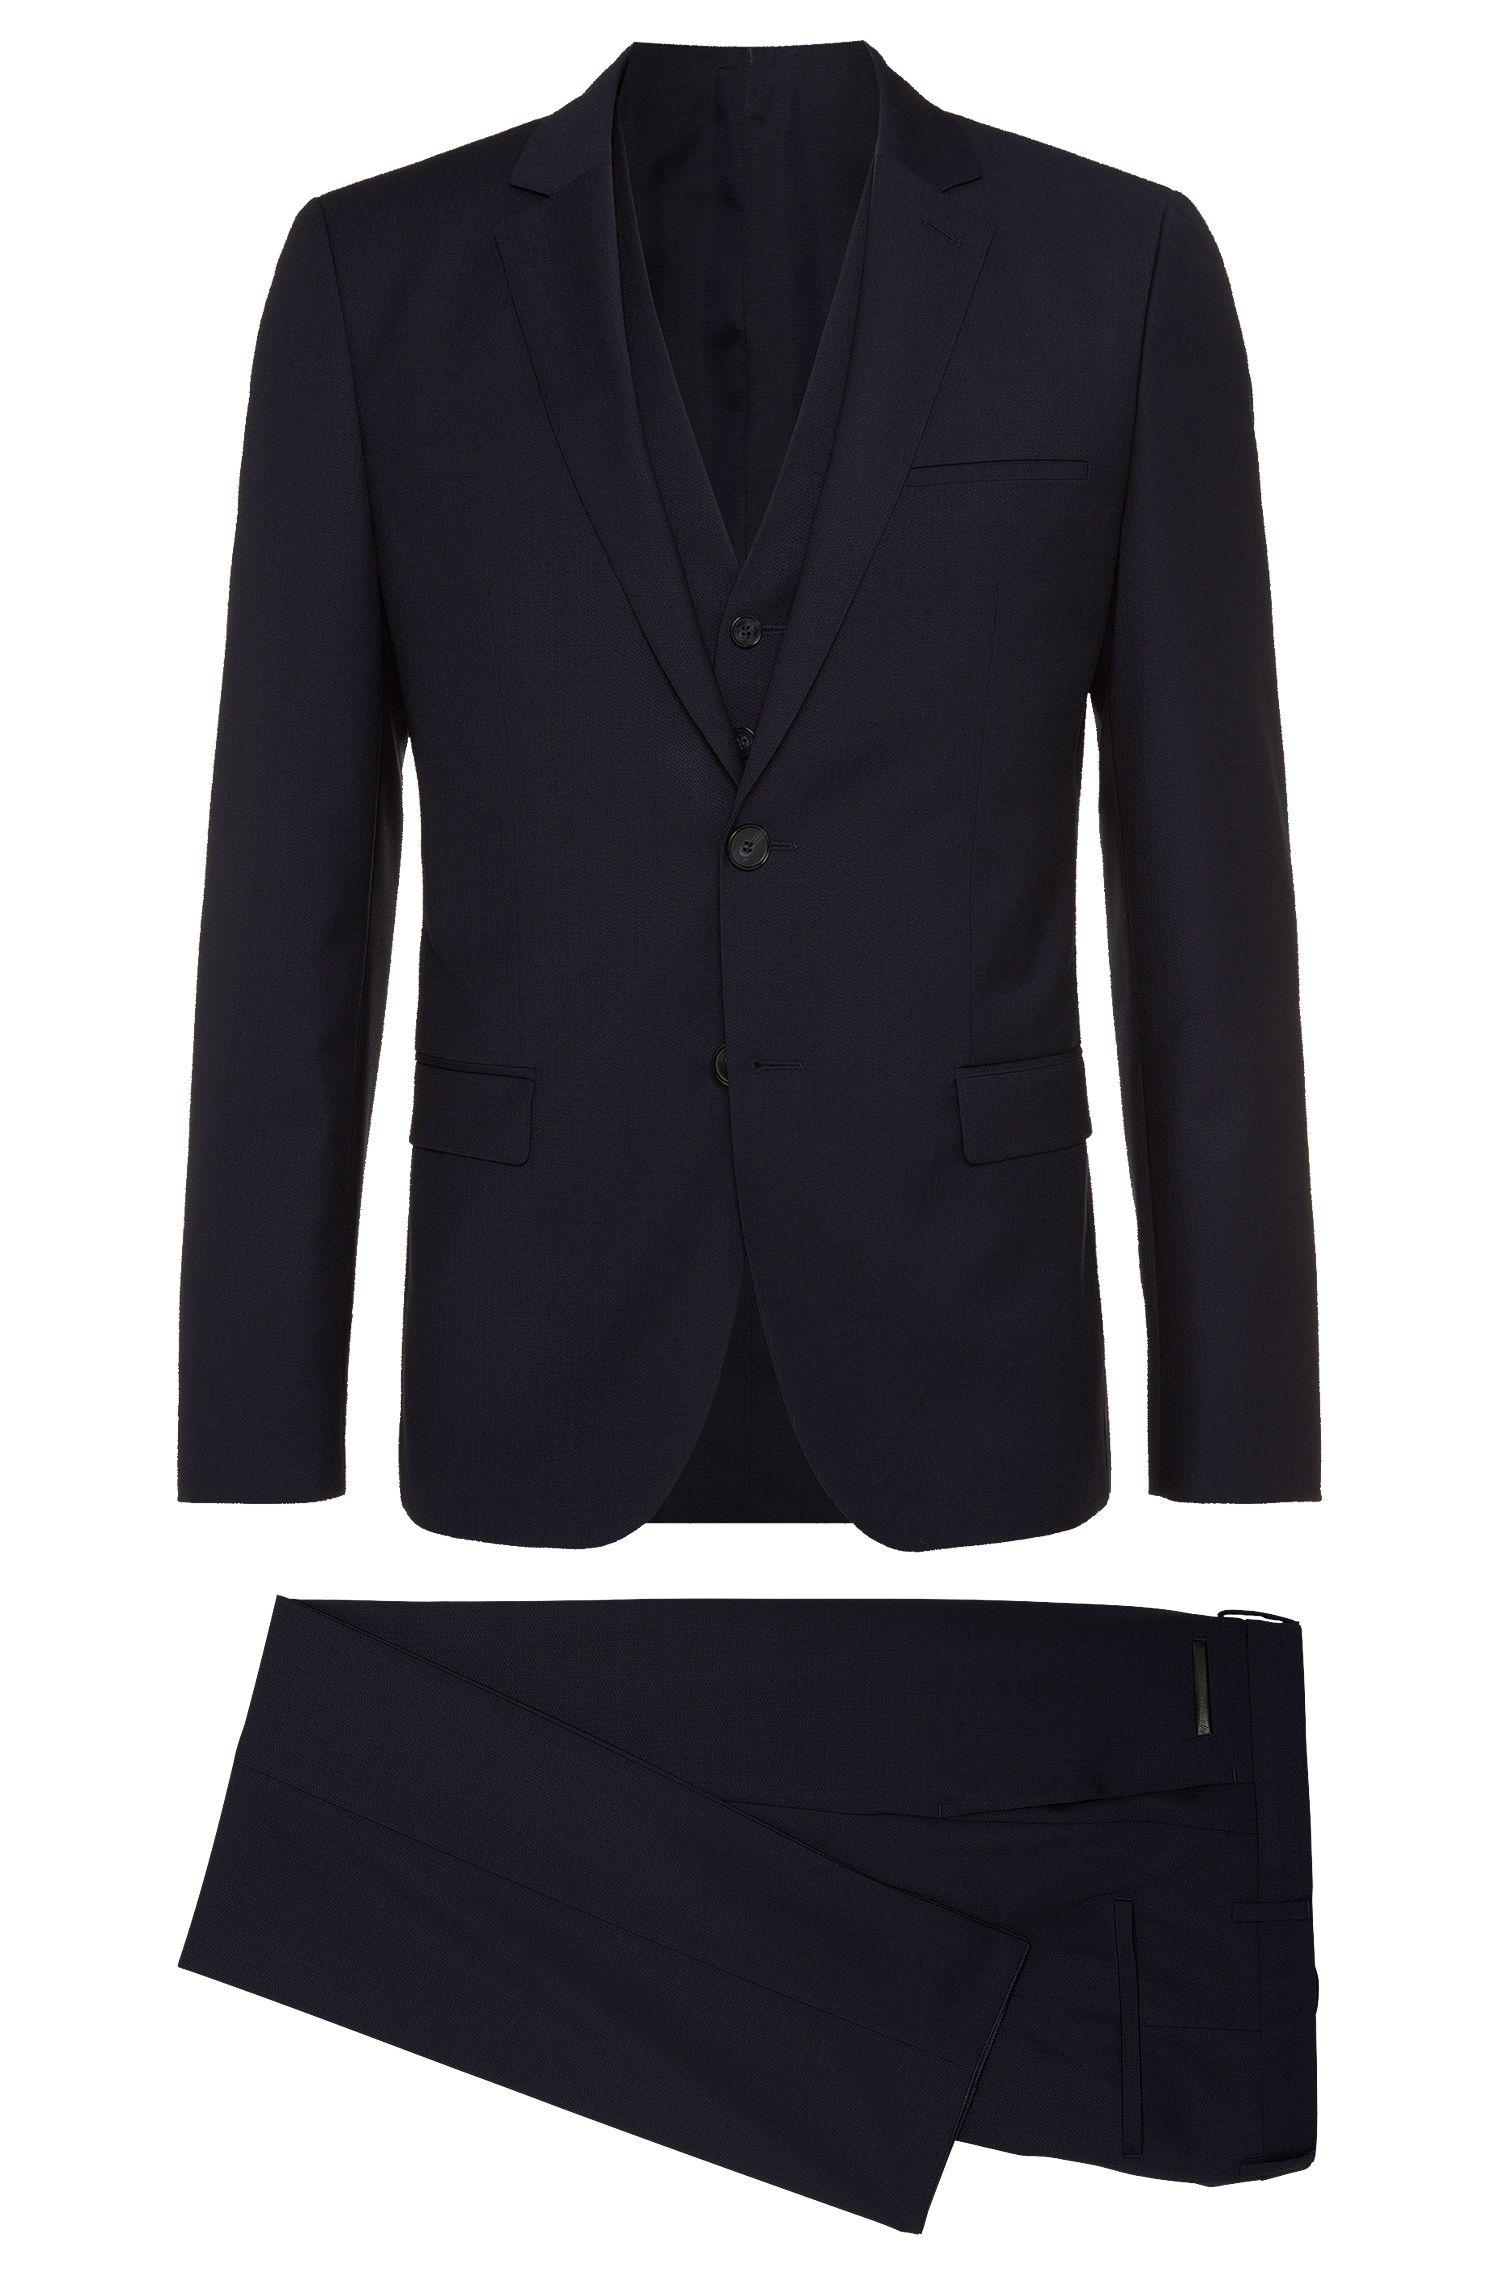 'Alin/Wyns/Hetlin' | Slim Fit, Virgin Wool Chevron 3-Piece Suit